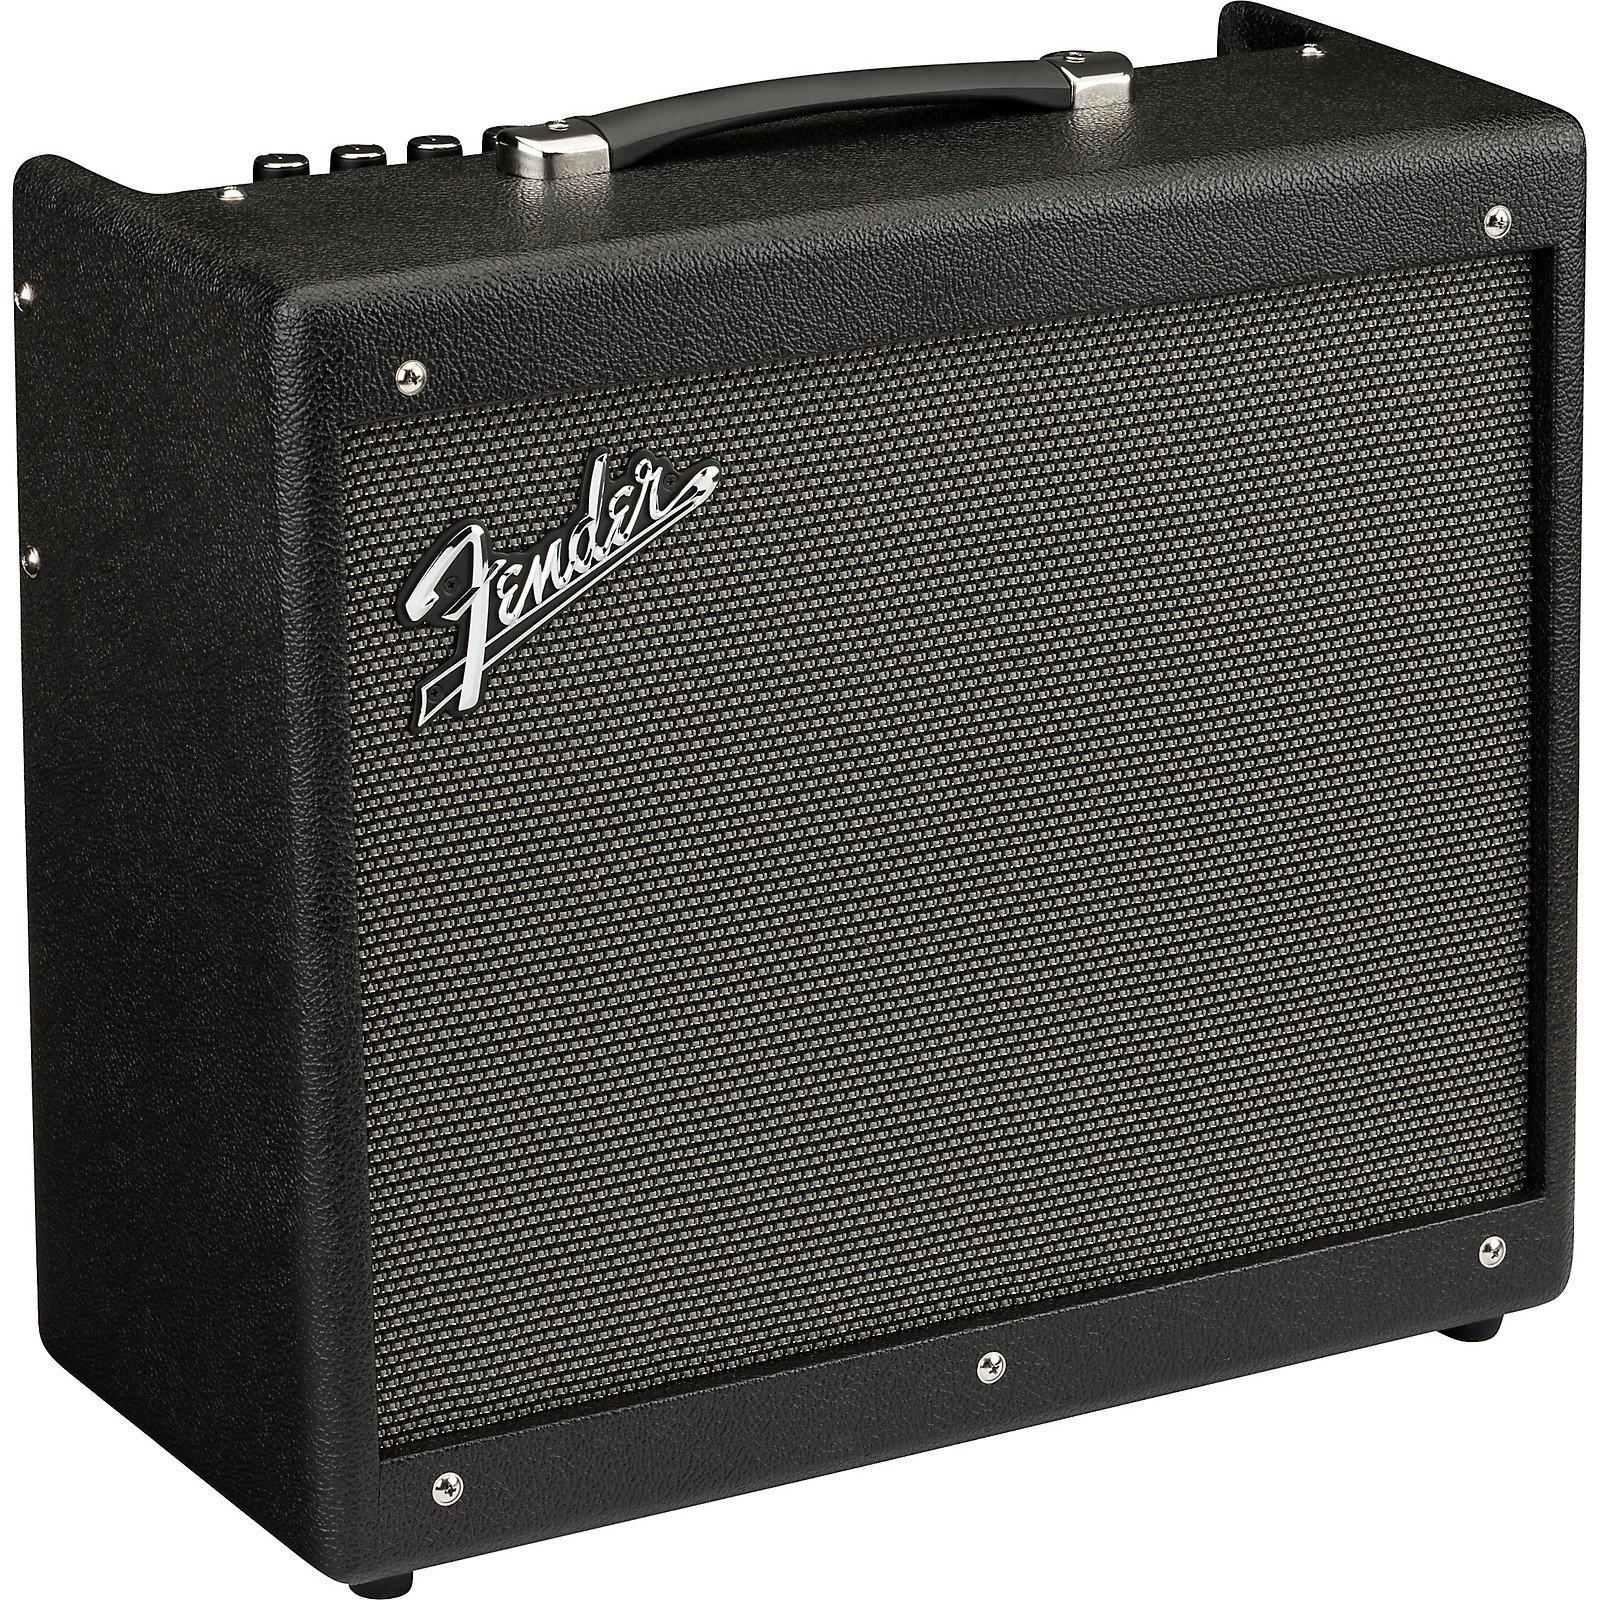 Fender Mustang GTX50 Guitar Amplifier